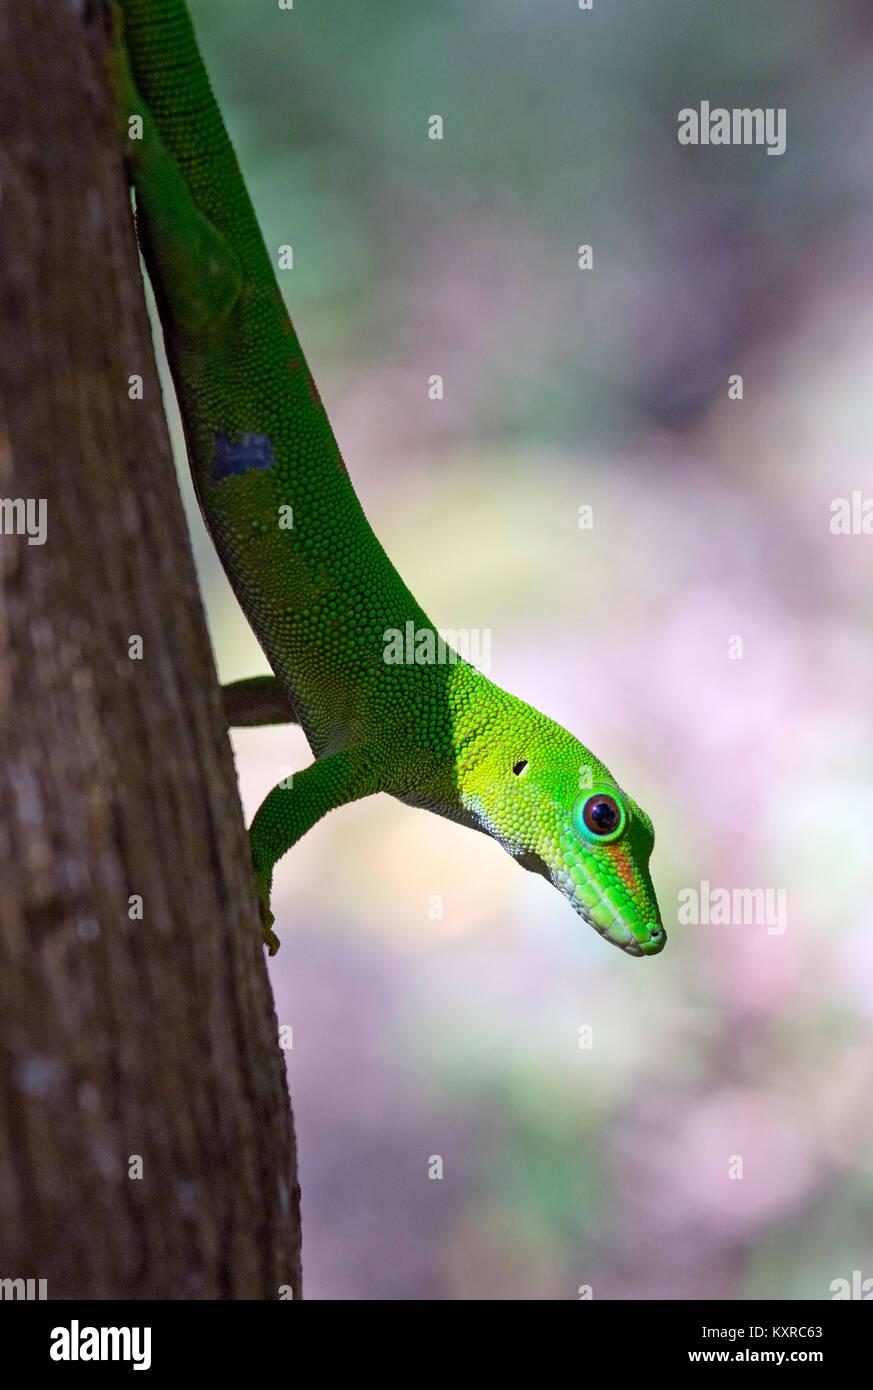 Madagascar Day Gecko - Phelsuma madagascariensis, Gekkonidae, Madagascar, Africa - Stock Image